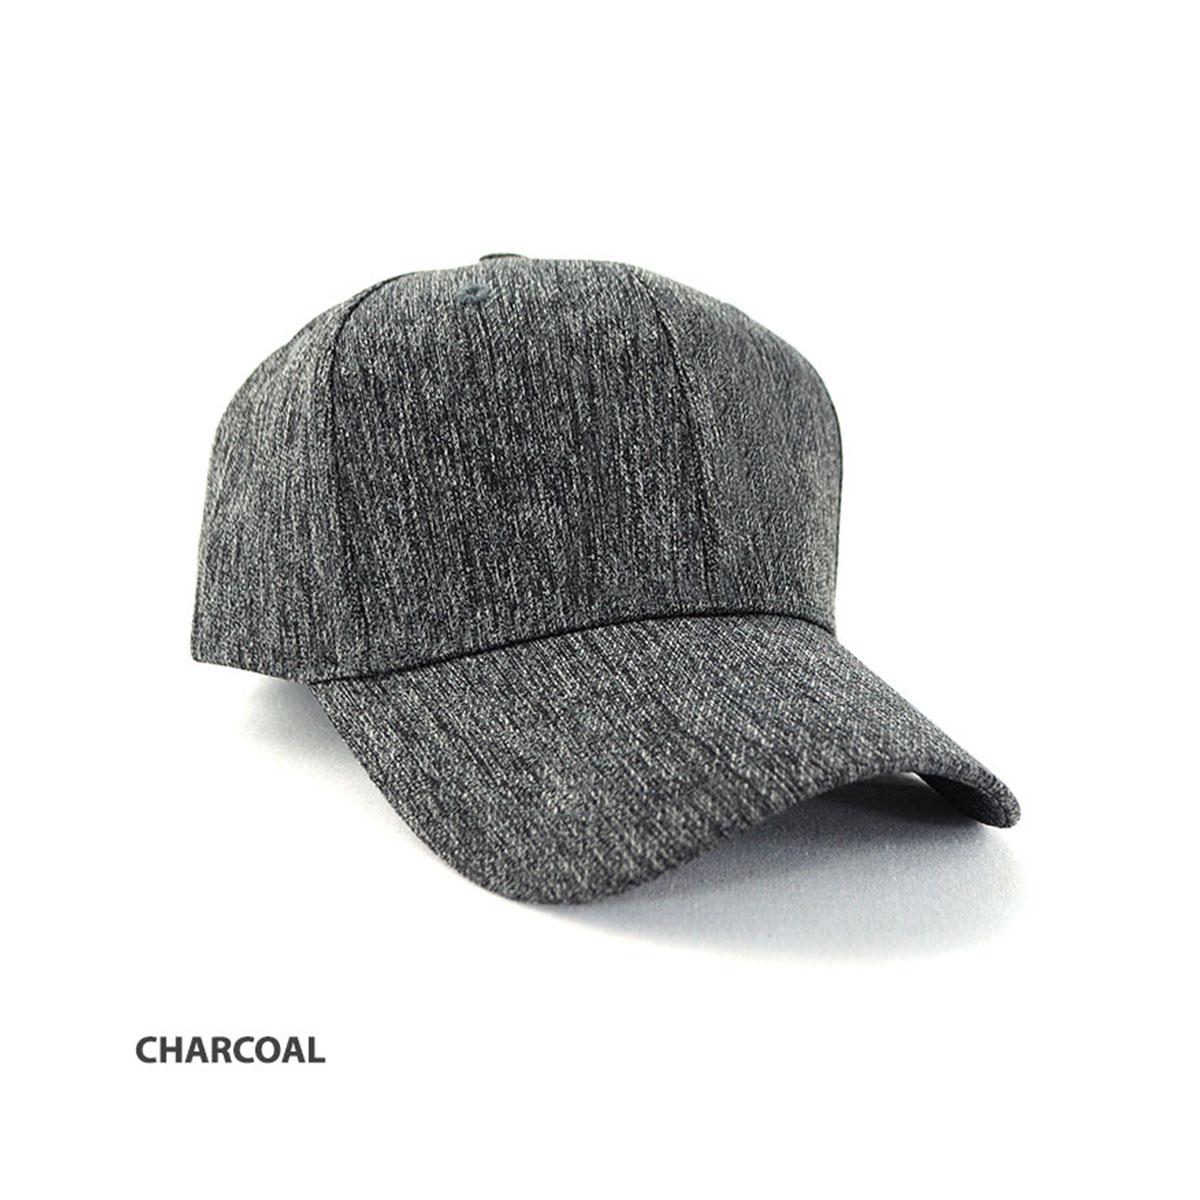 JK Cap-Charcoal